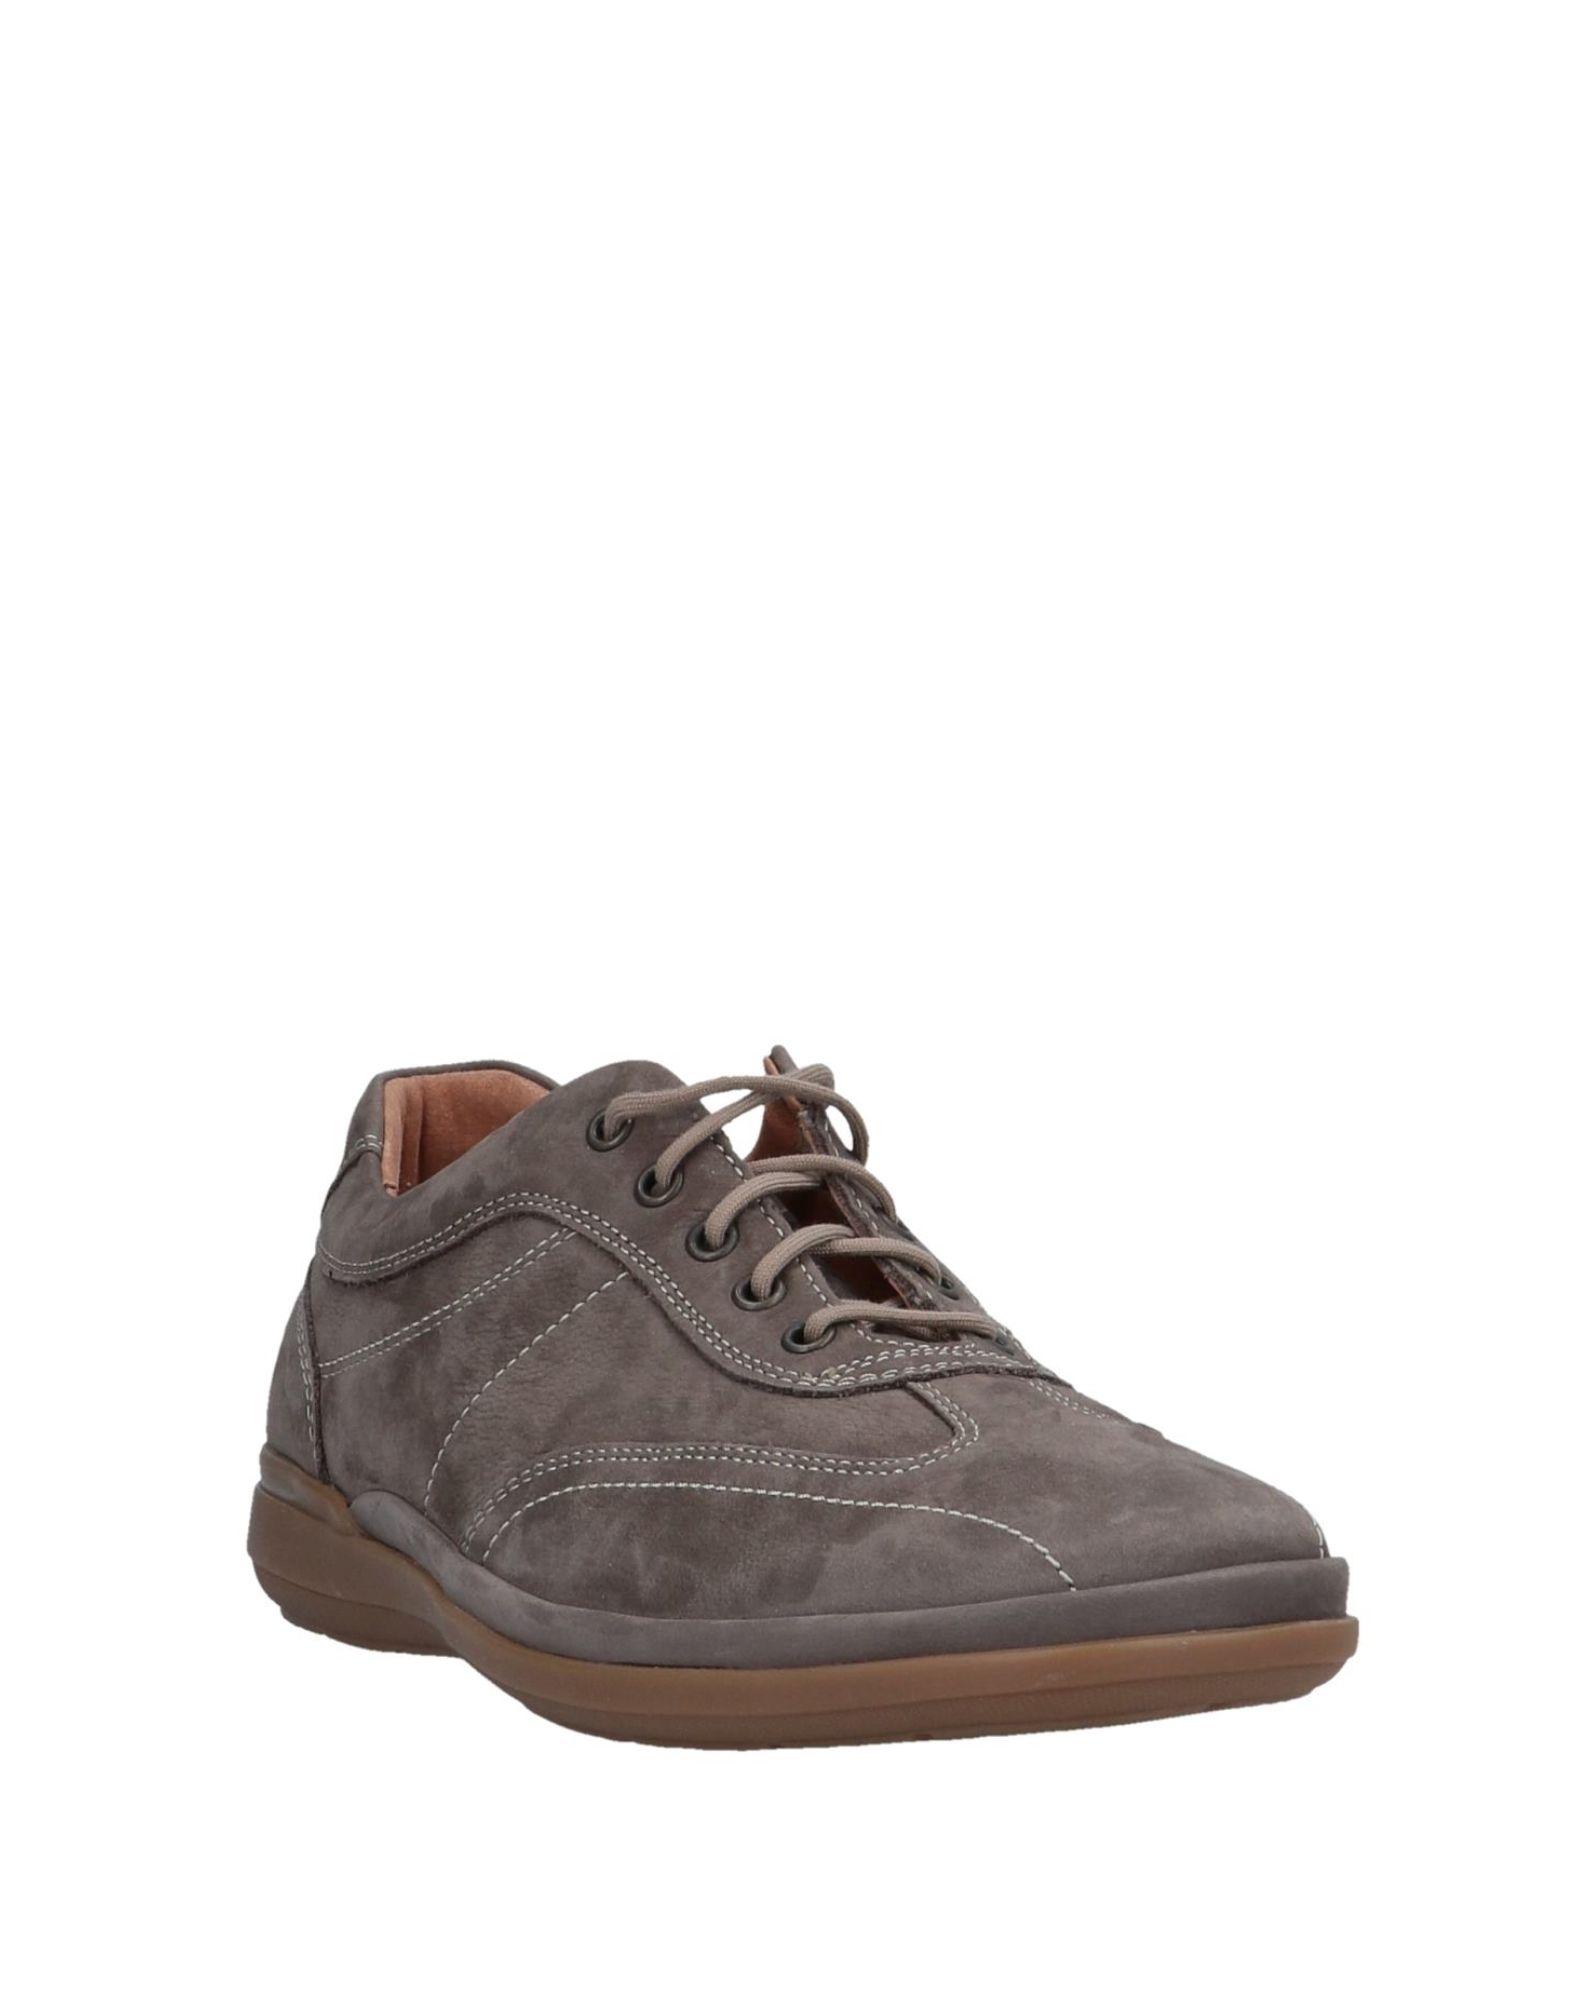 Rabatt echte  Schuhe Valleverde Sneakers Herren  echte 11555742KC 4c8657